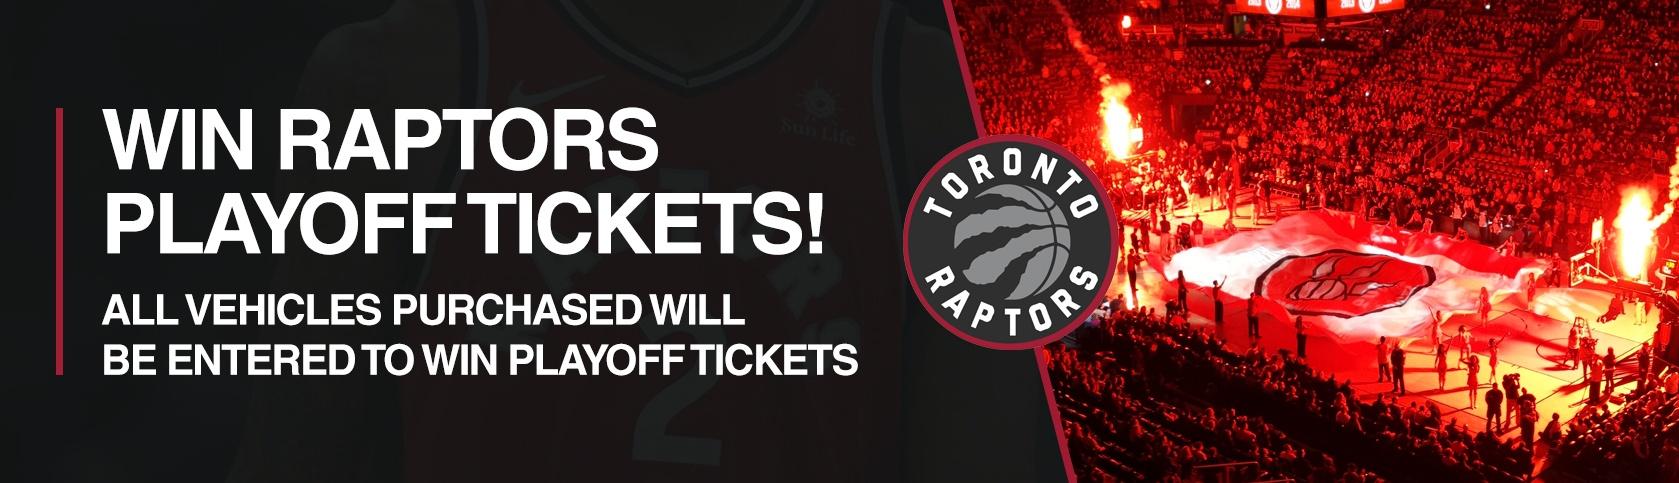 raptors playoff tickets 2019